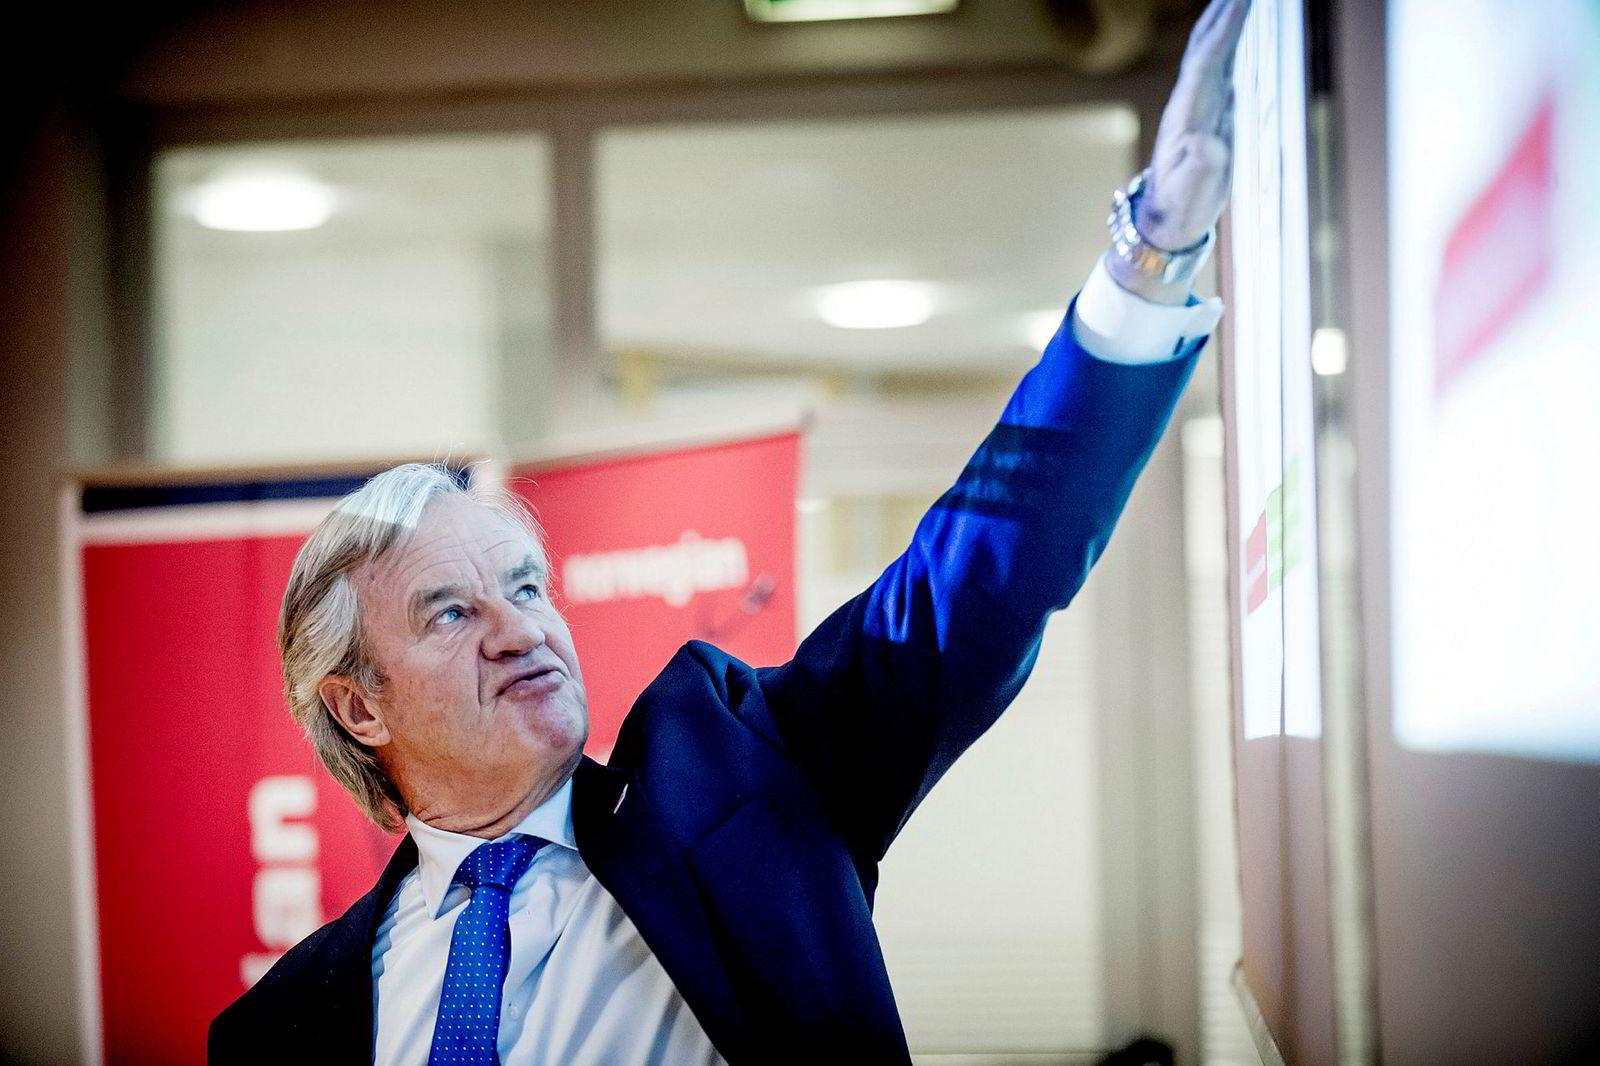 Norwegian-sjef Bjørn Kjos er tilfreds med at kraftig vekst fortsatt gir like fulle fly.